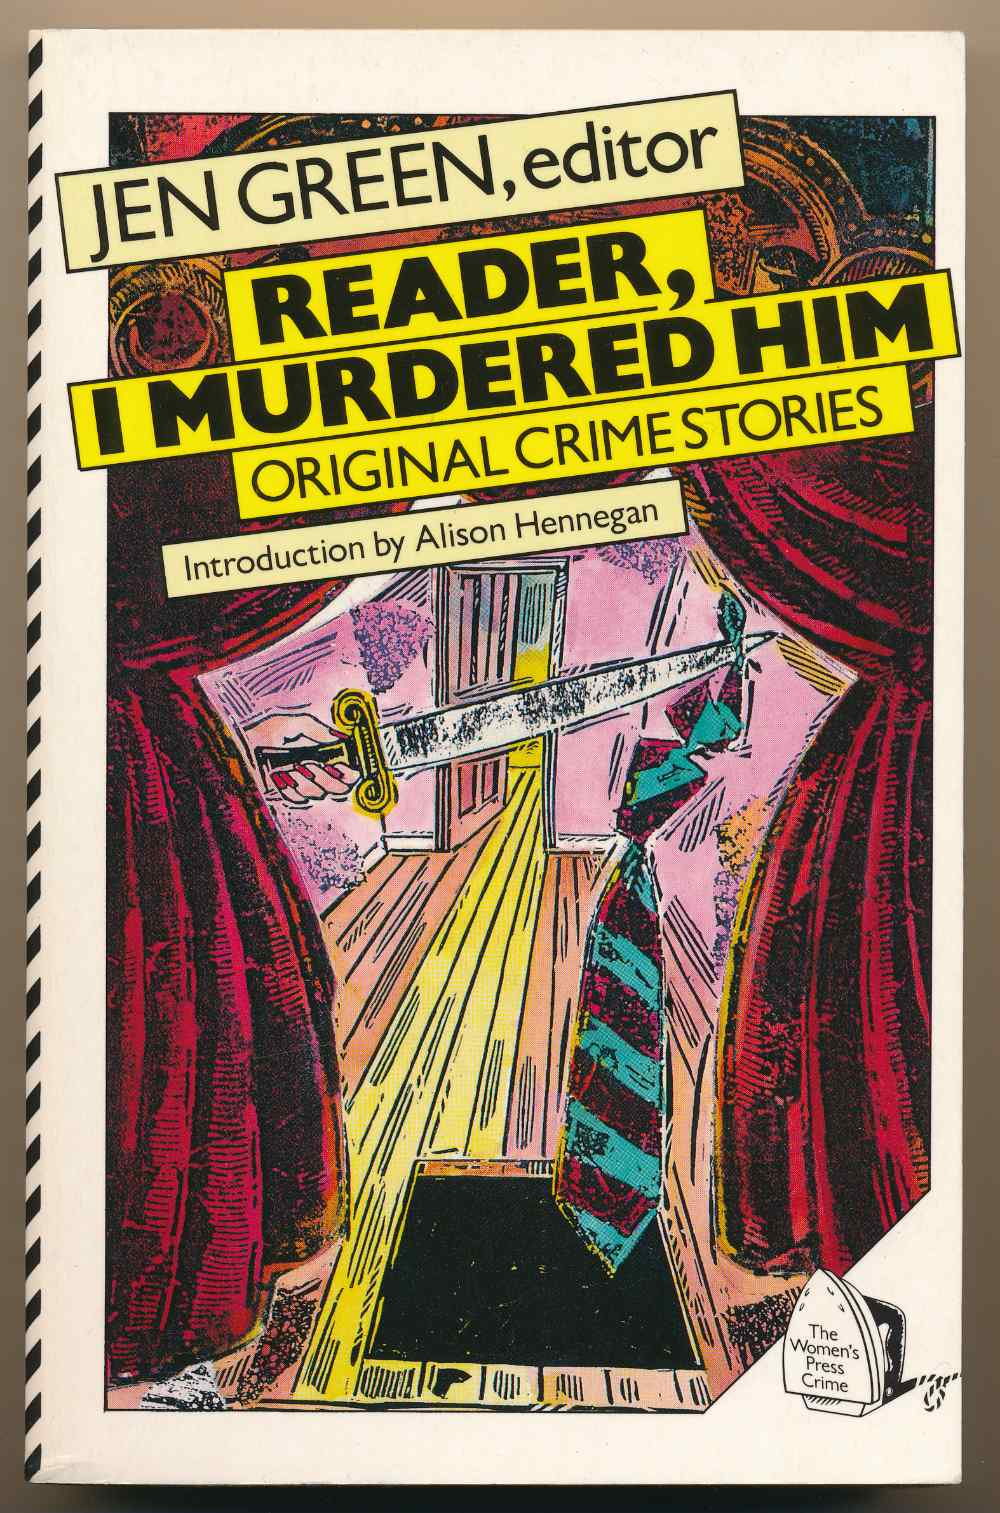 Reader, I murdered him : an anthology of original crime stories